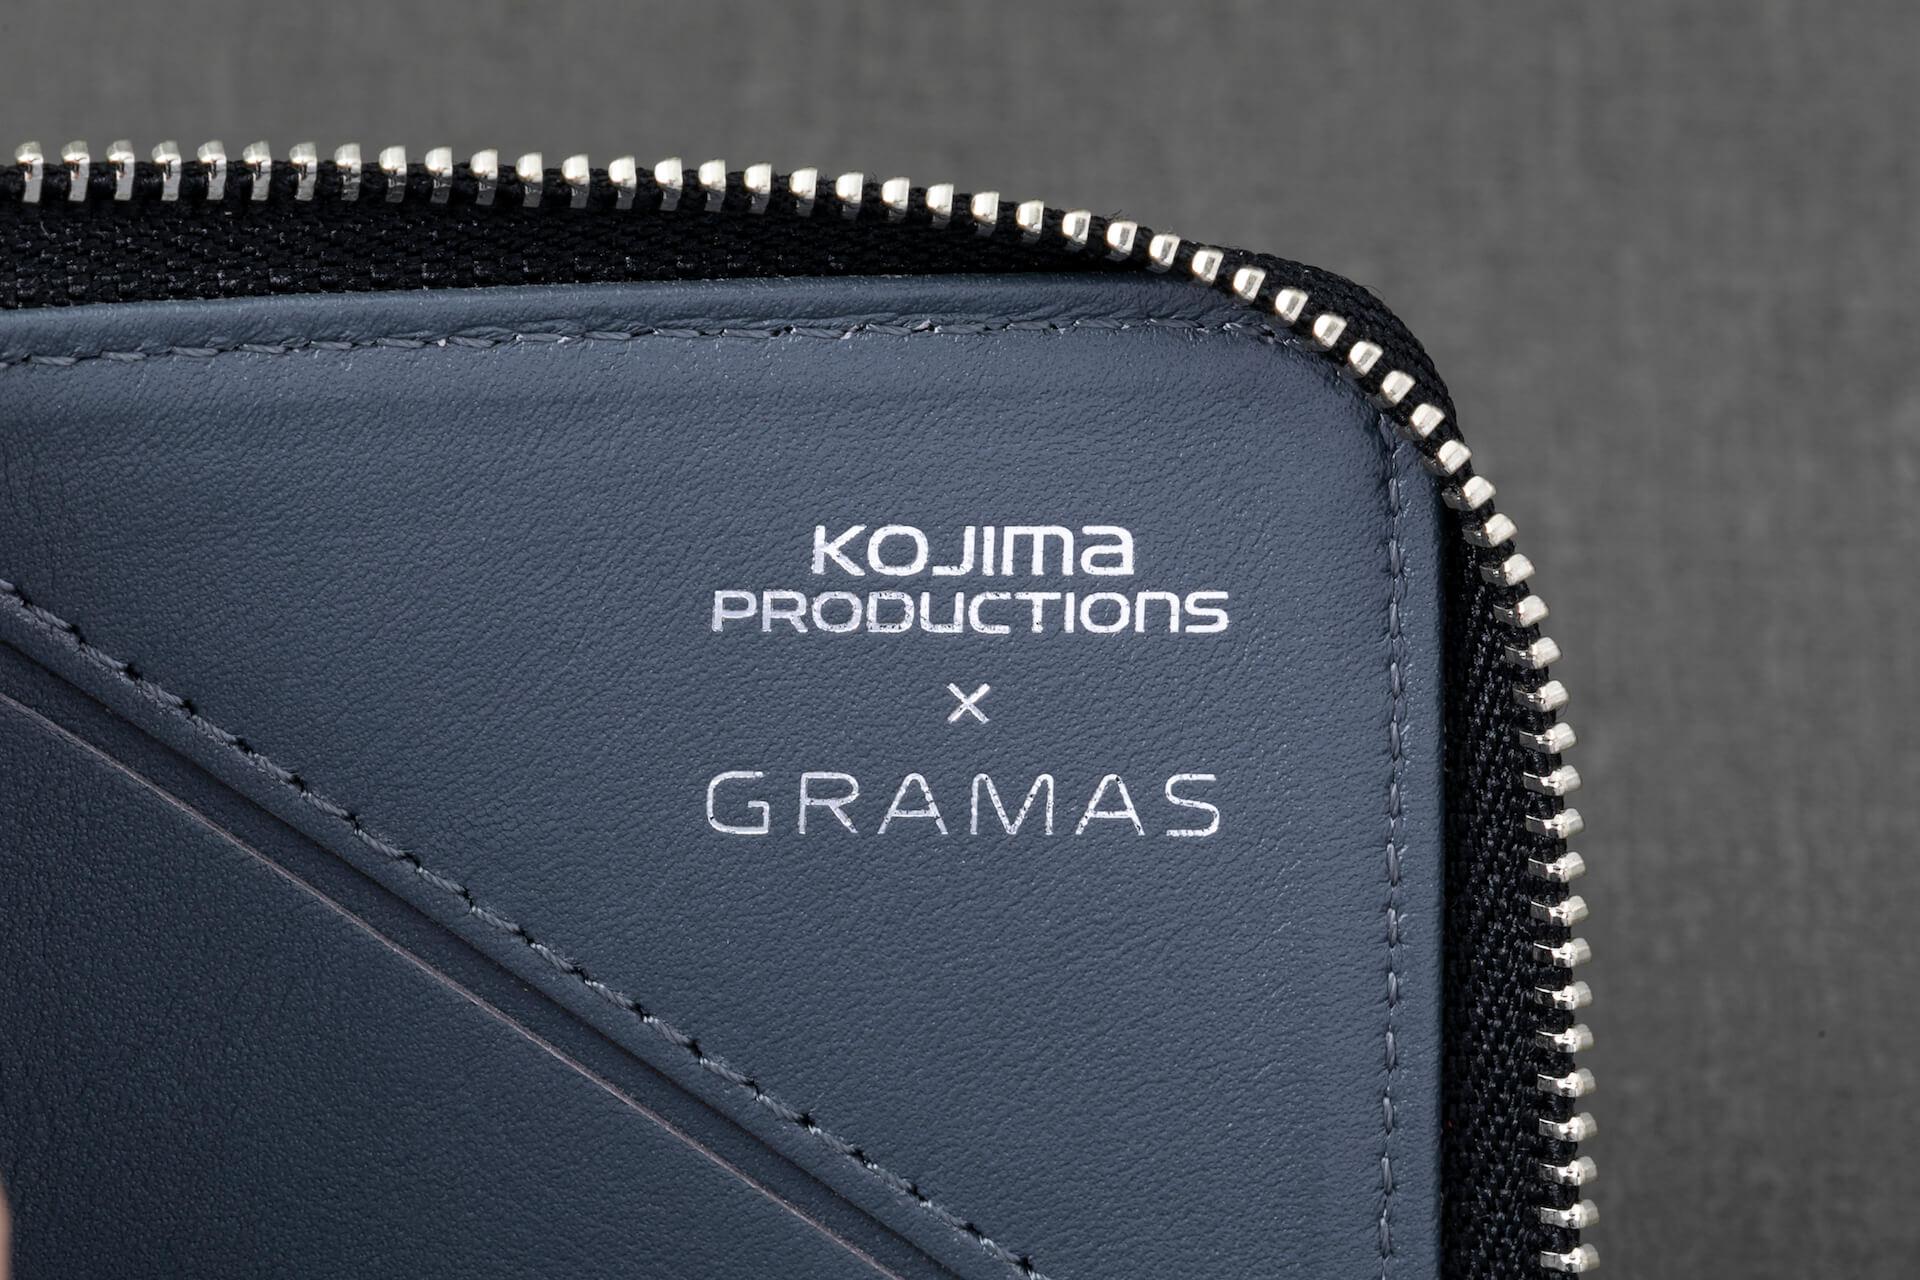 『デス・ストランディング』小島秀夫監督率いるコジマプロダクションのコラボミニ財布が追加販売決定! life191203_kojimaproduction_2